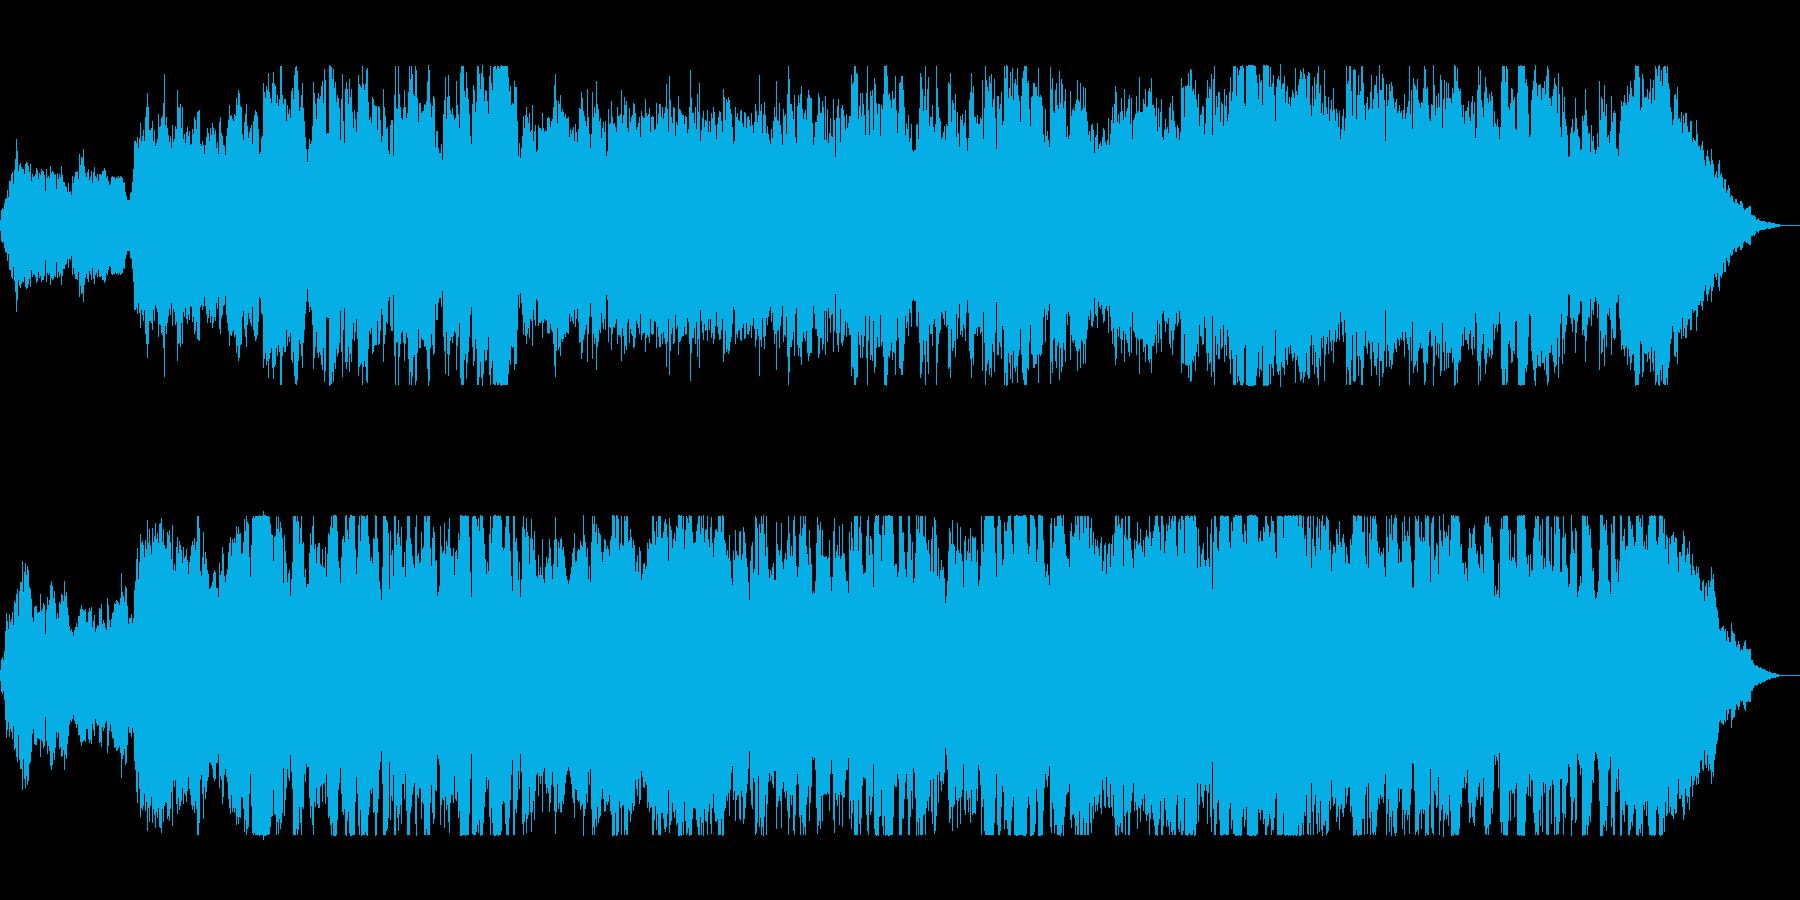 壮大でファンタジーな管楽器シンセサウンドの再生済みの波形